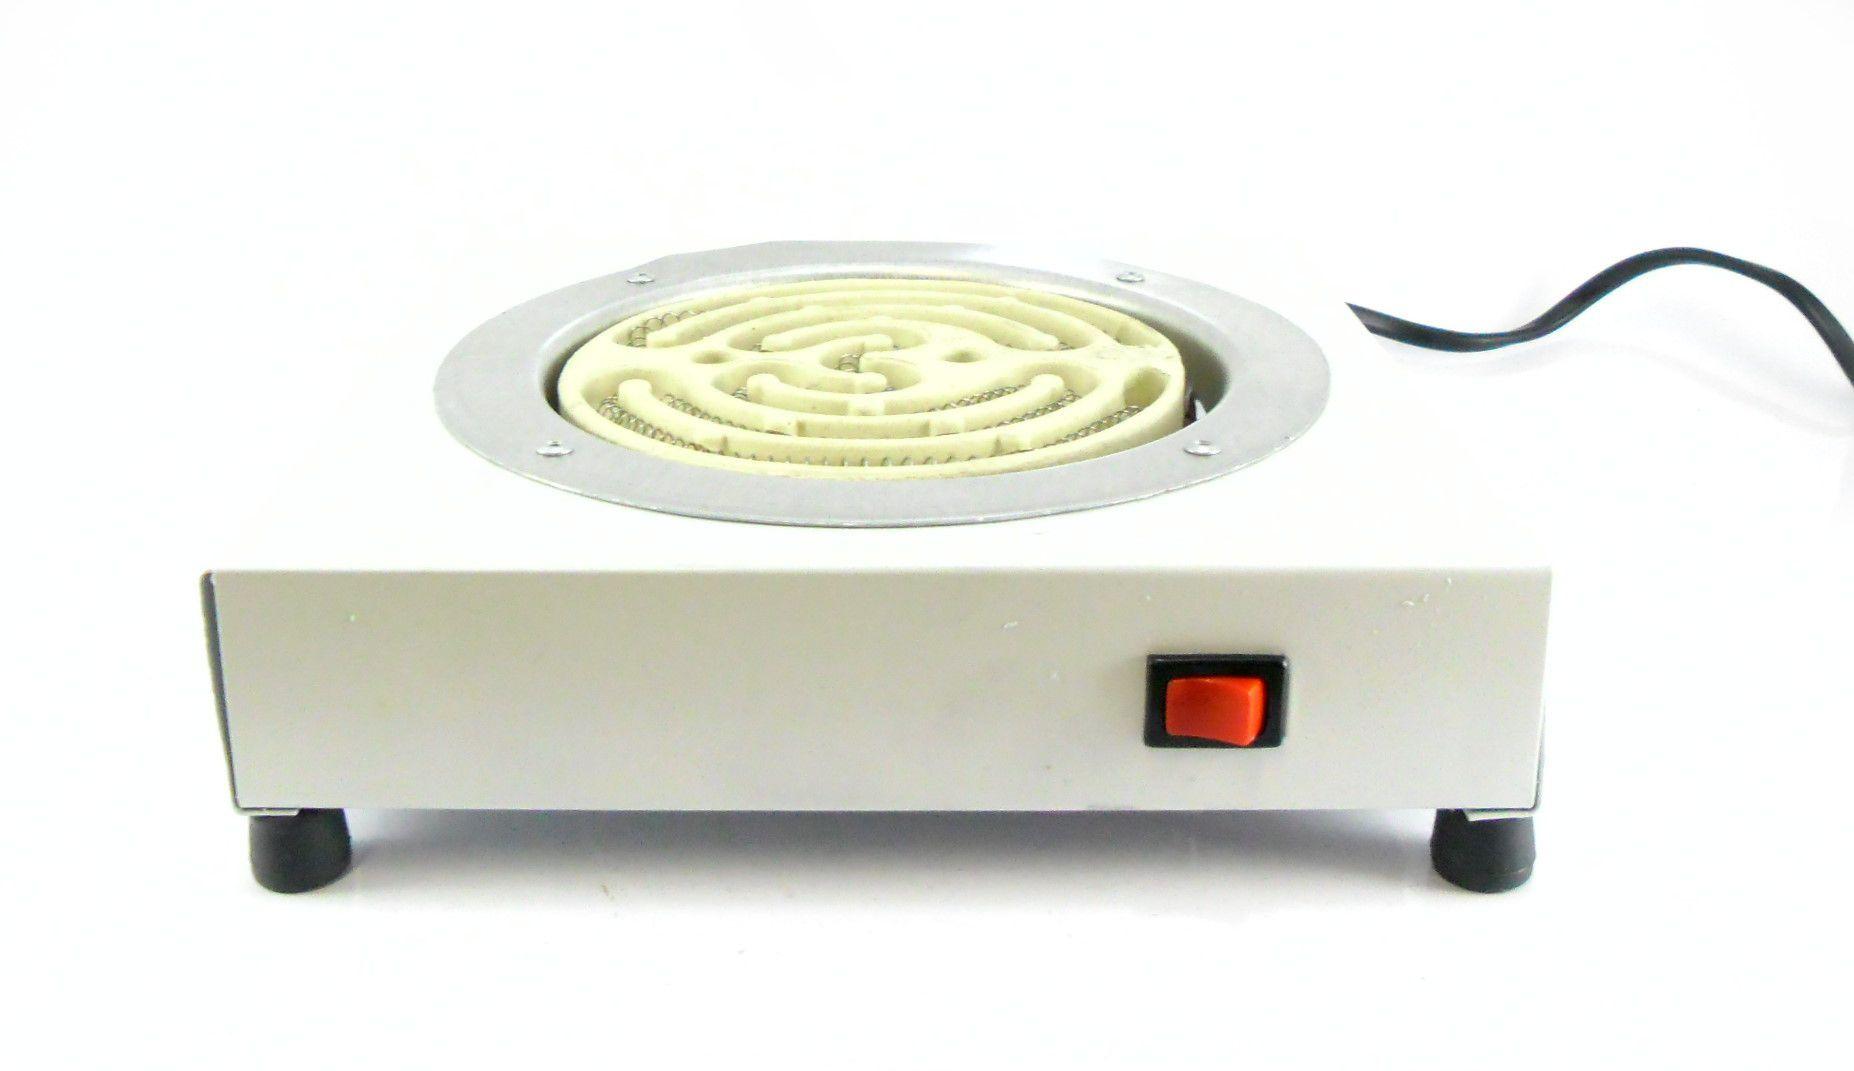 Fogareiro elétrico para acender carvão Chamafil QUADRADO com BOTÃO DE LIGA/DESLIGA (220V)